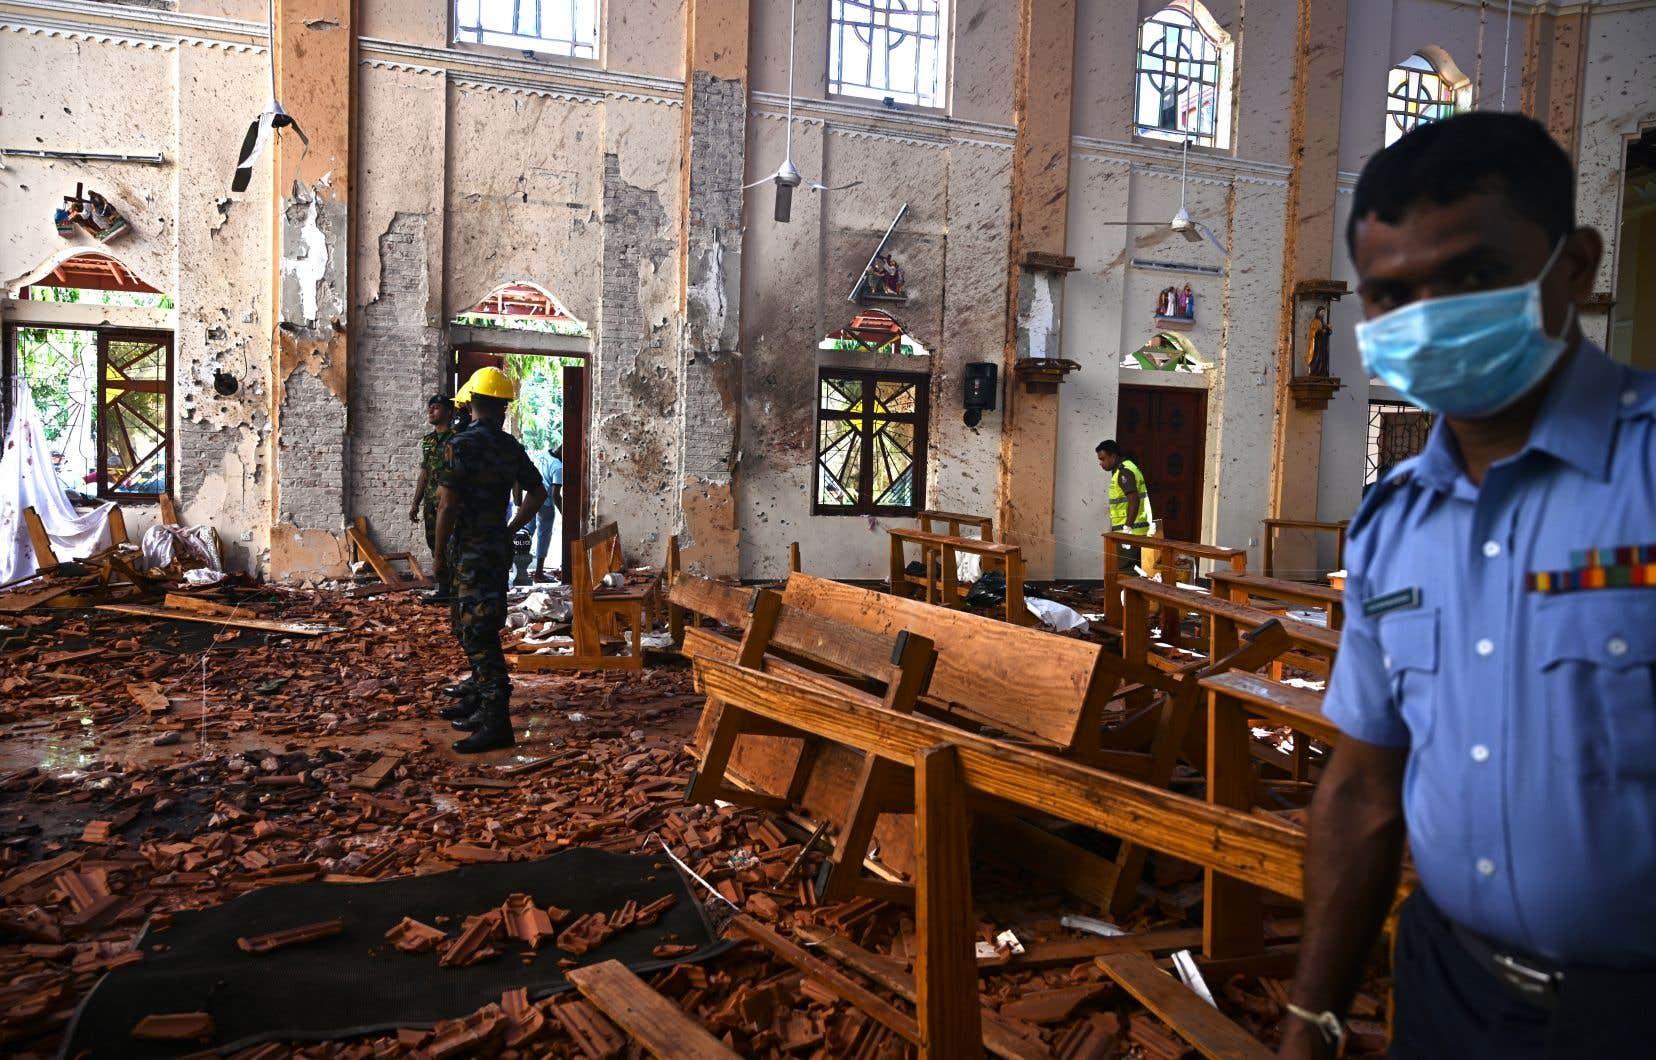 «Les extrémistes religieux n'ont jamais voulu comprendre et ne veulent pas comprendre. Les événements survenus au Sri Lanka sont la conséquence de cette incompréhension», mentionne l'auteur.